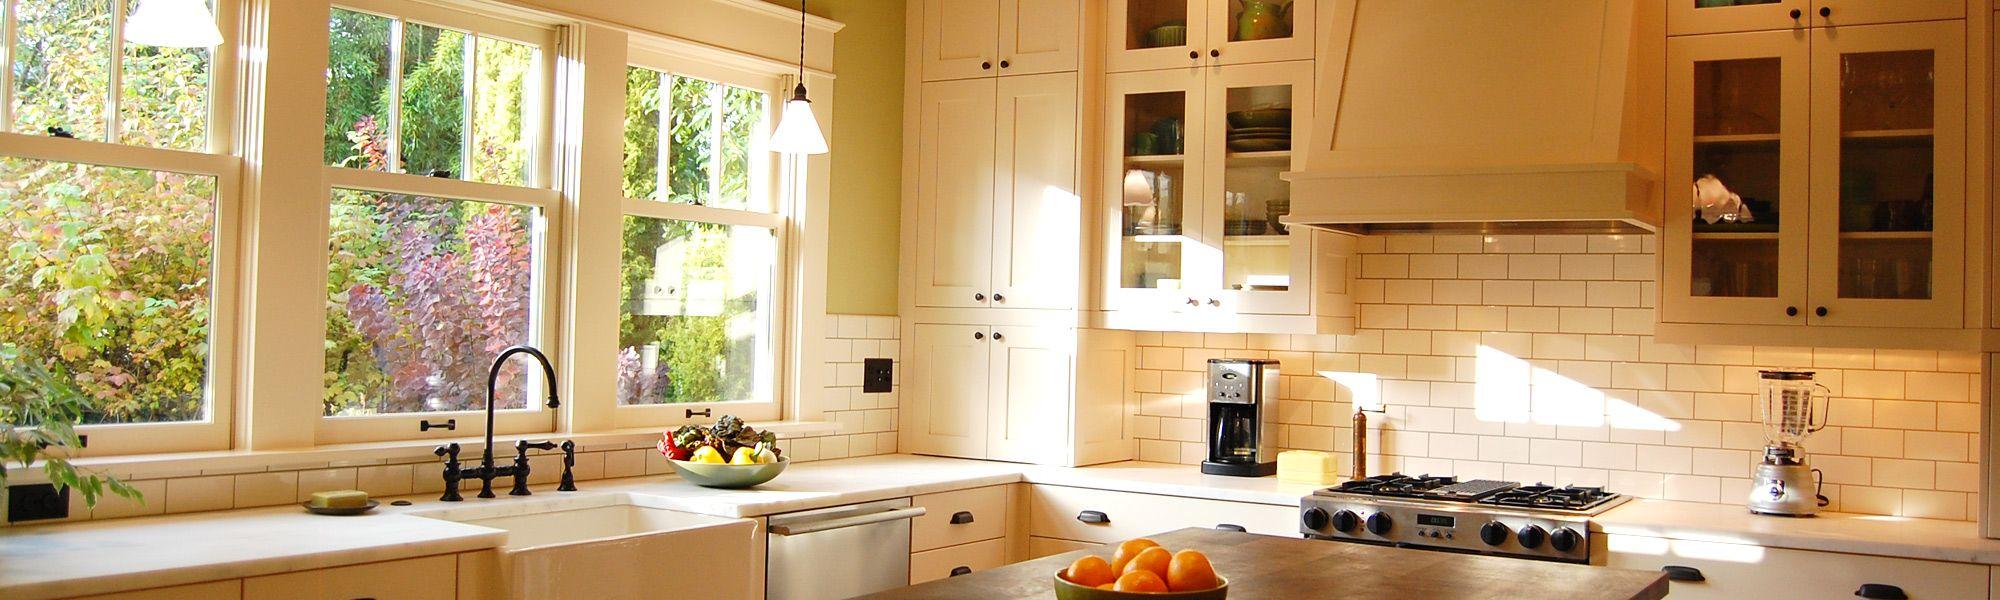 Kitchen cabinet brands canada - Kitchen Cabinet Brands Canada 12